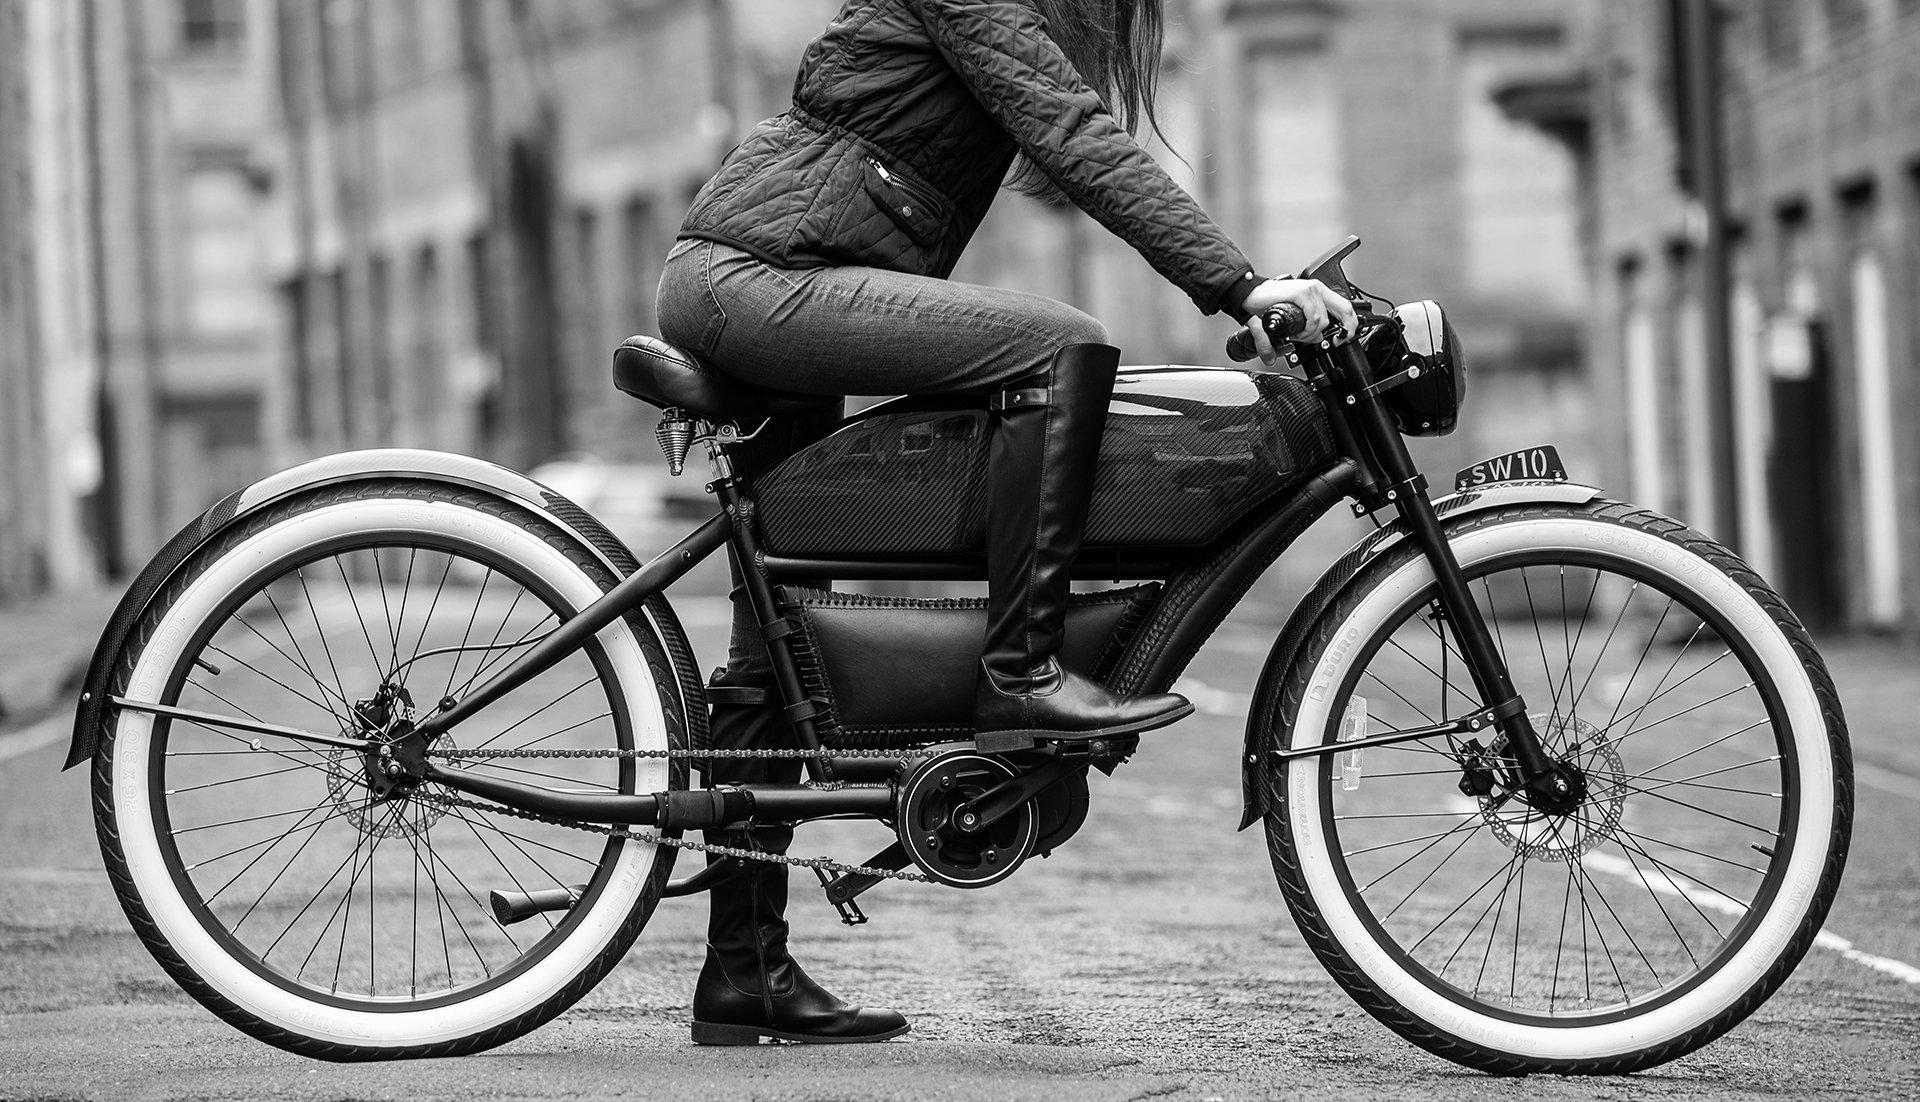 Chiếc xe đạp điện với ngoại hình đặc biệt